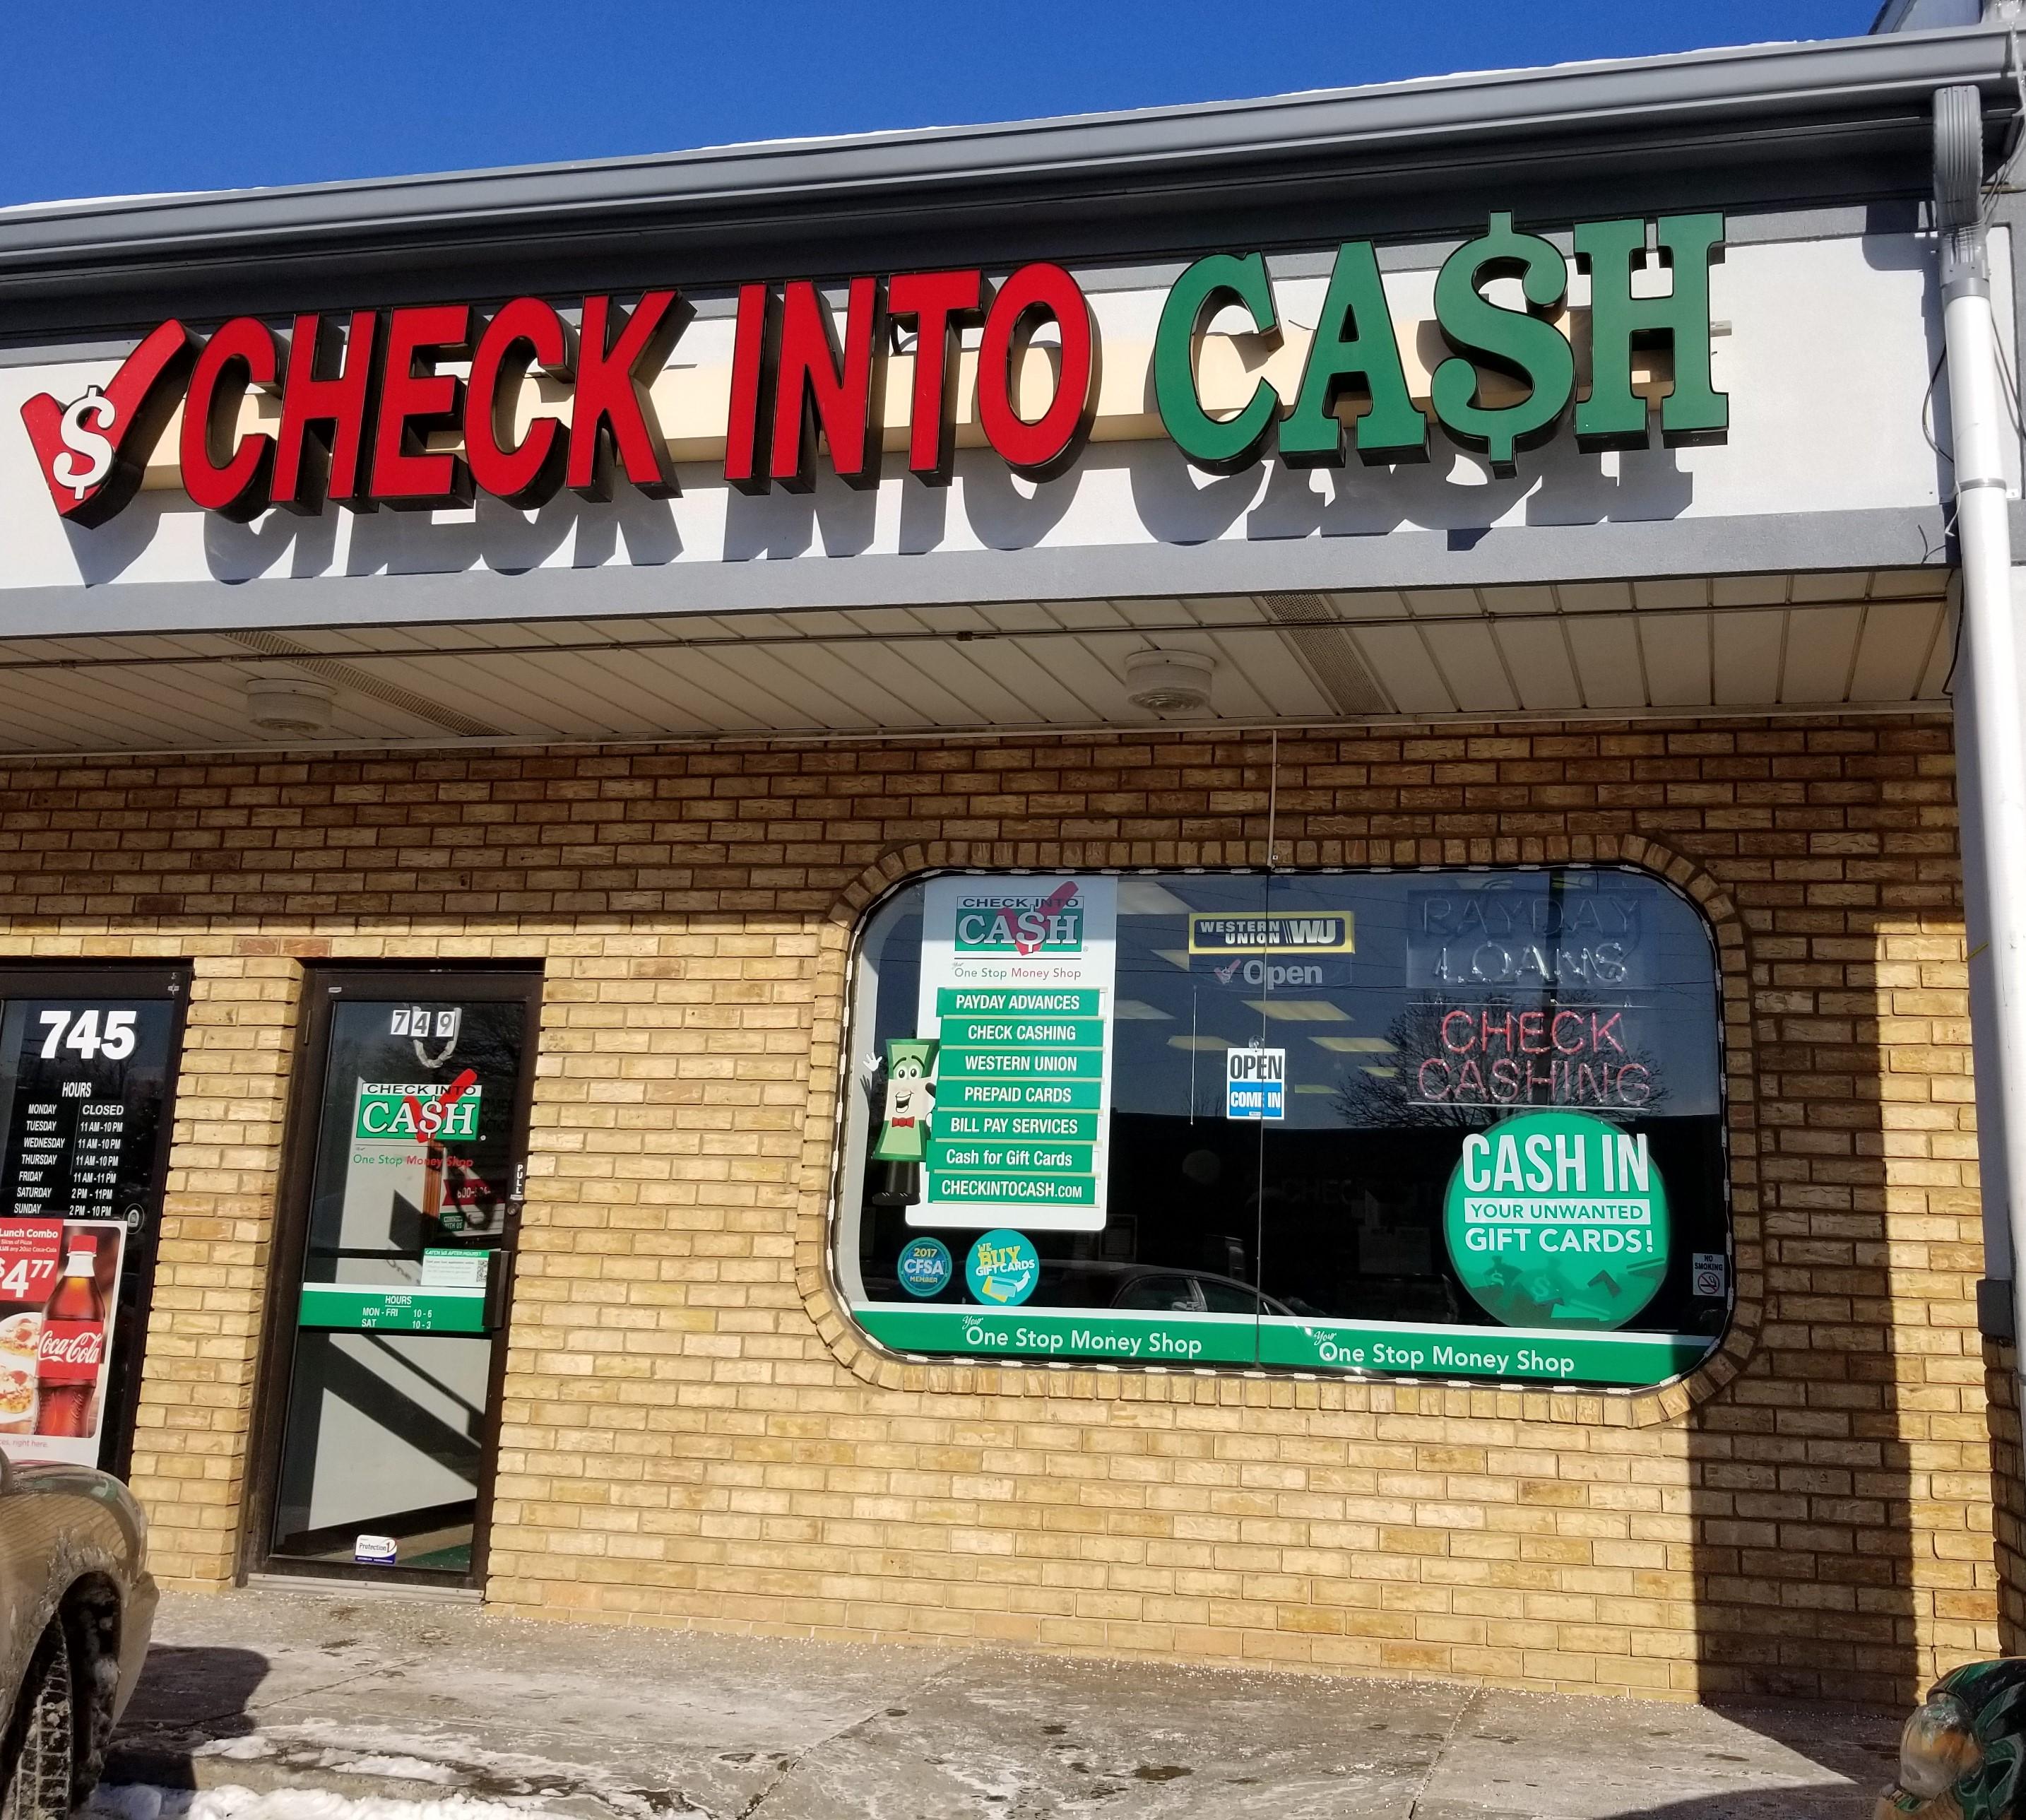 Cash advance locations in miami picture 2